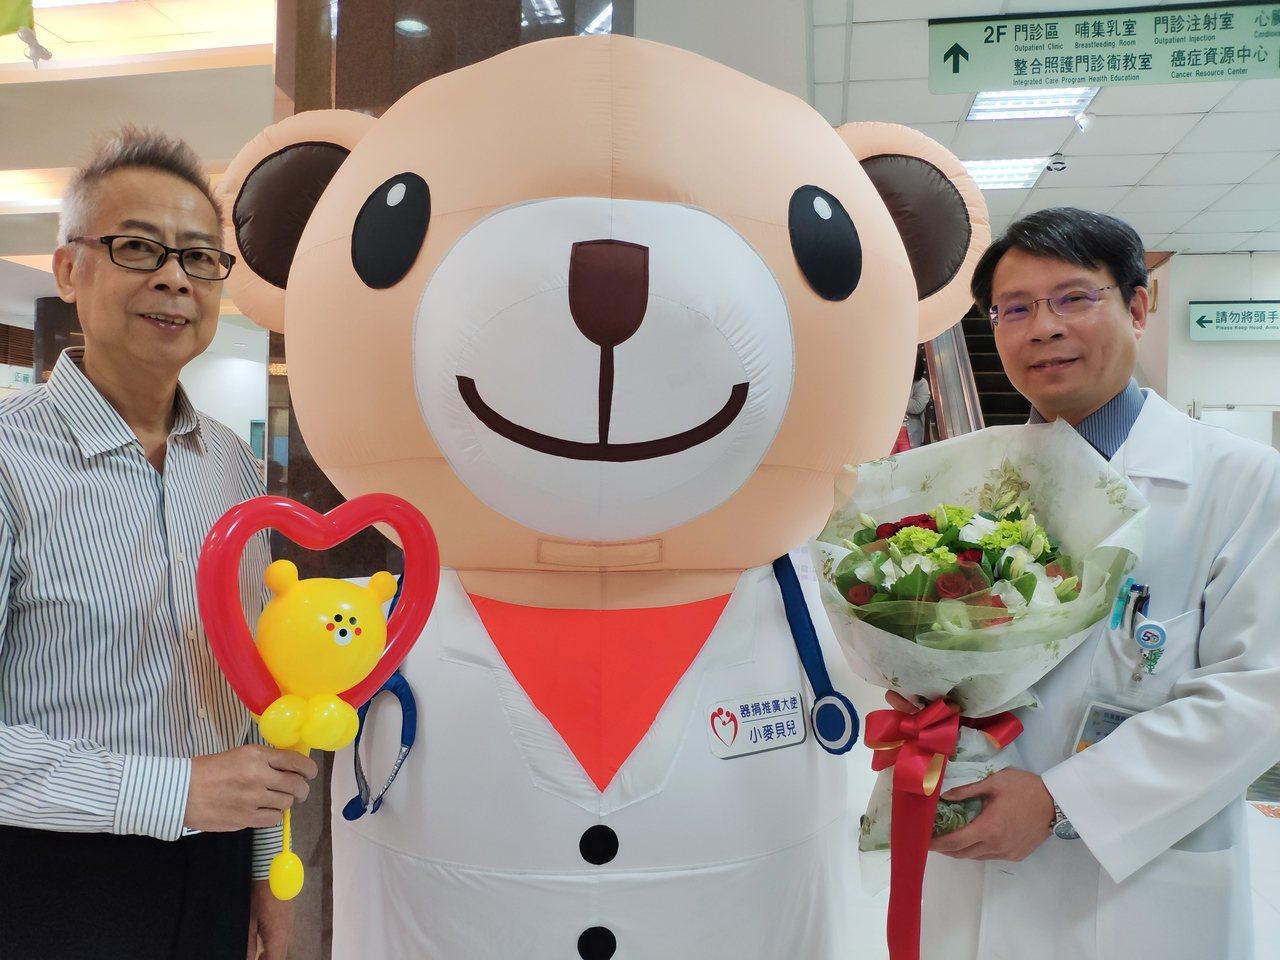 林明福(左)換腎20年,遵照醫囑「贏」回健康 ,當初負責動刀的奇美醫學中心副院長...